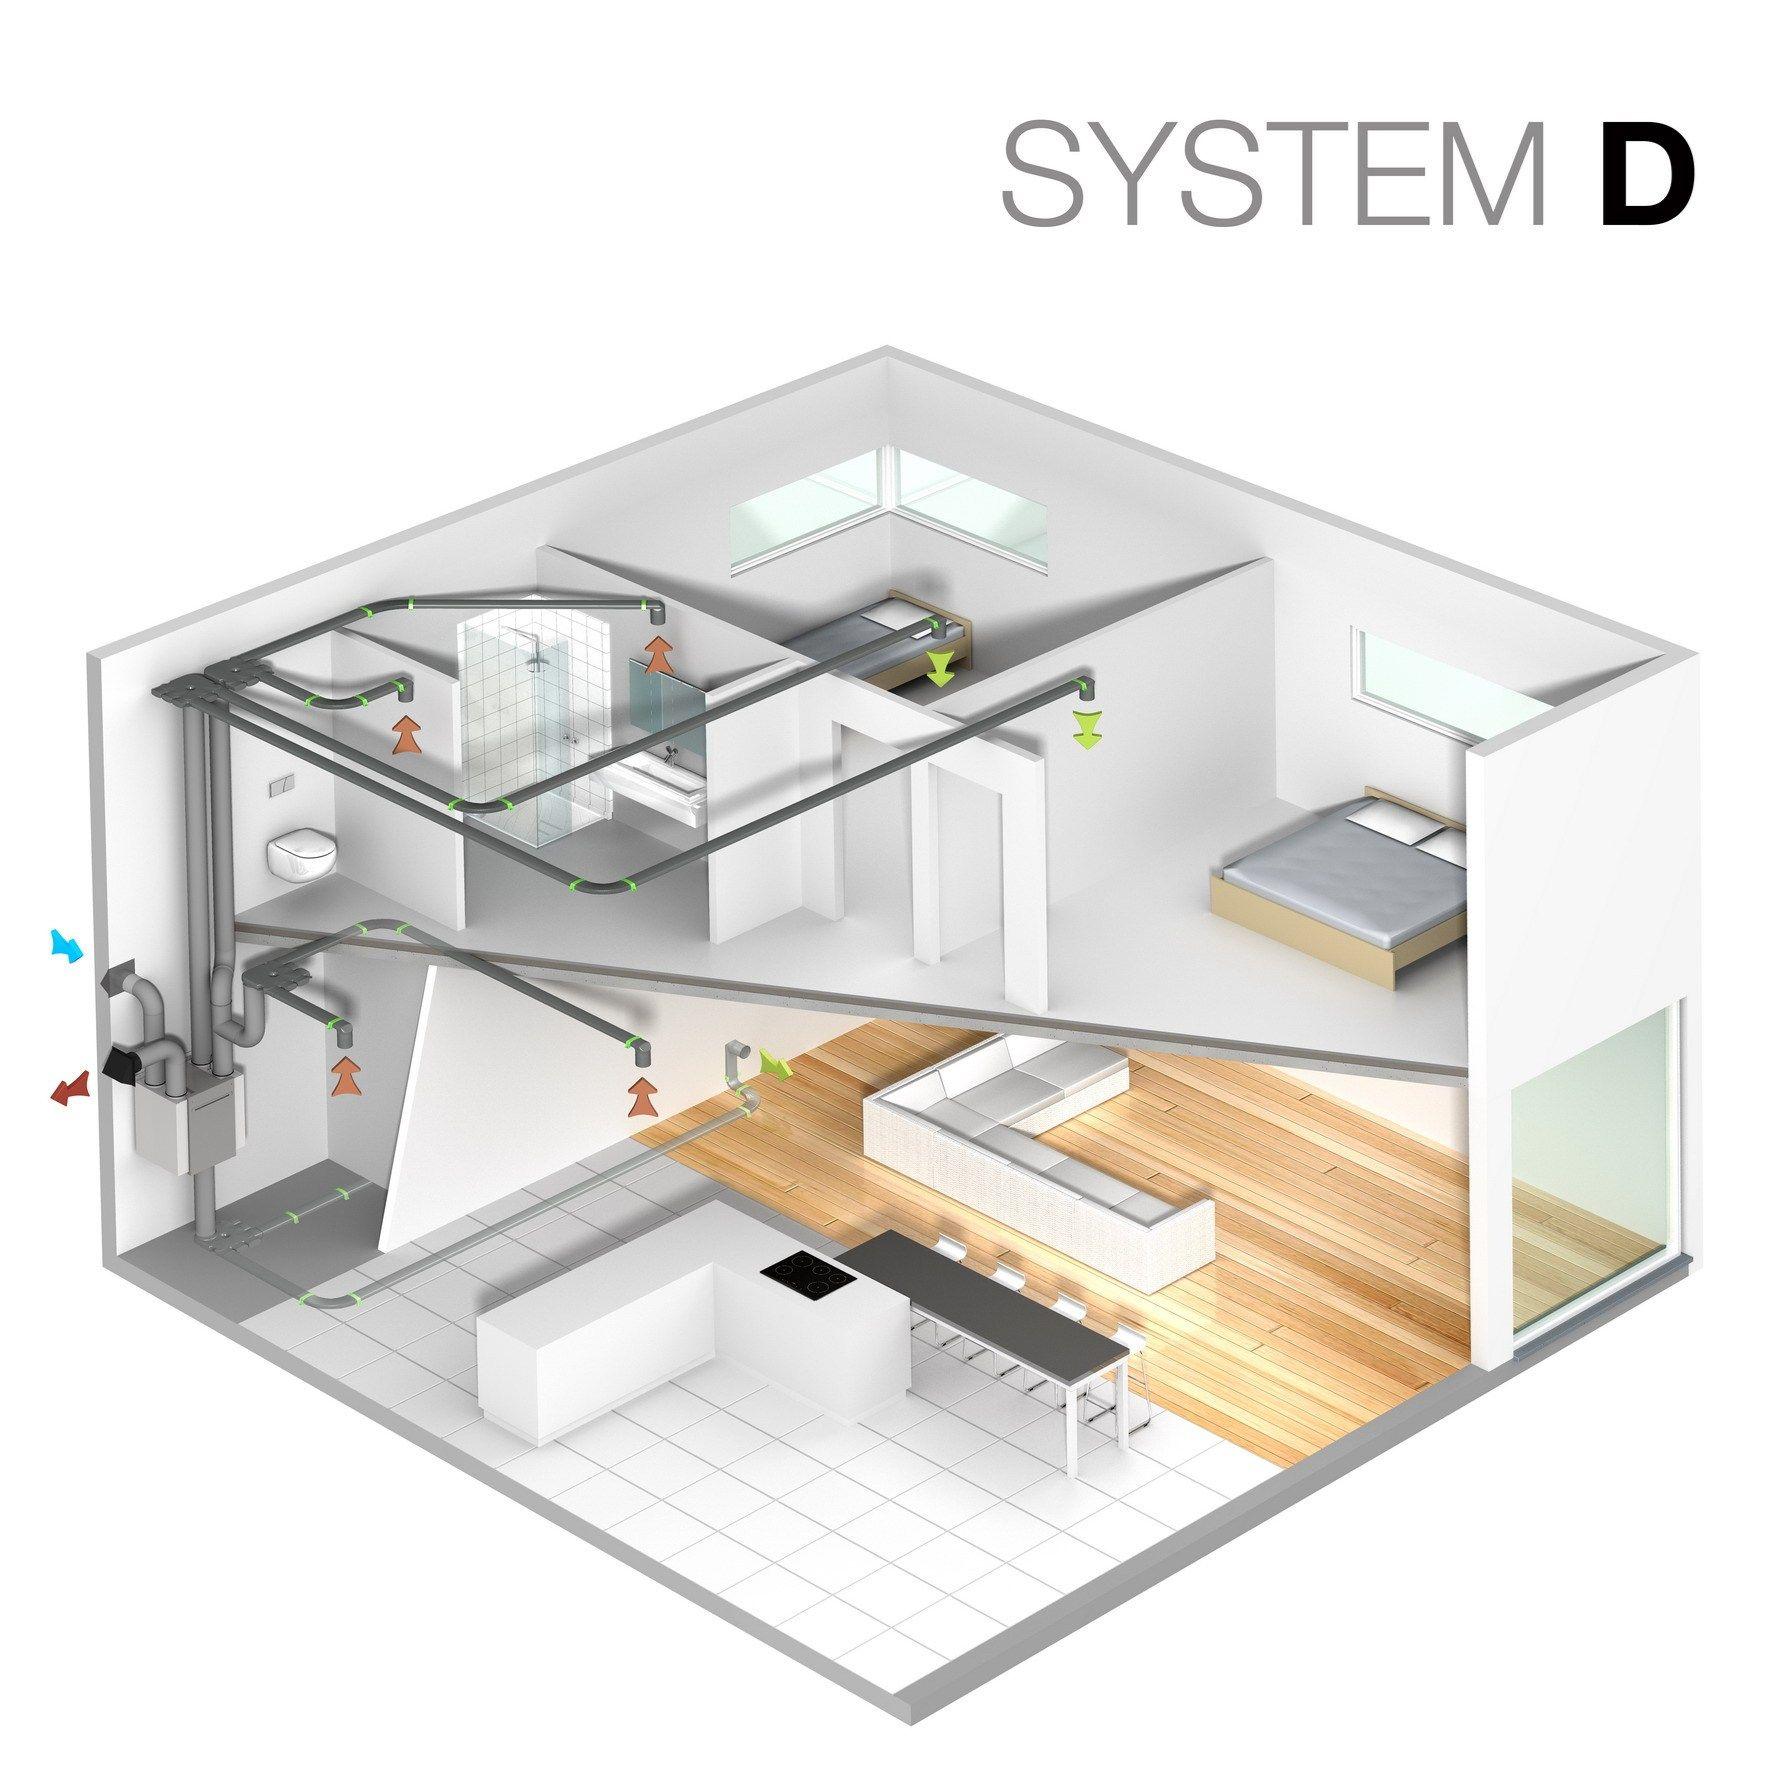 Impianto di ventilazione meccanica forzata d 150ep ii by vasco - Ventilazione forzata casa ...